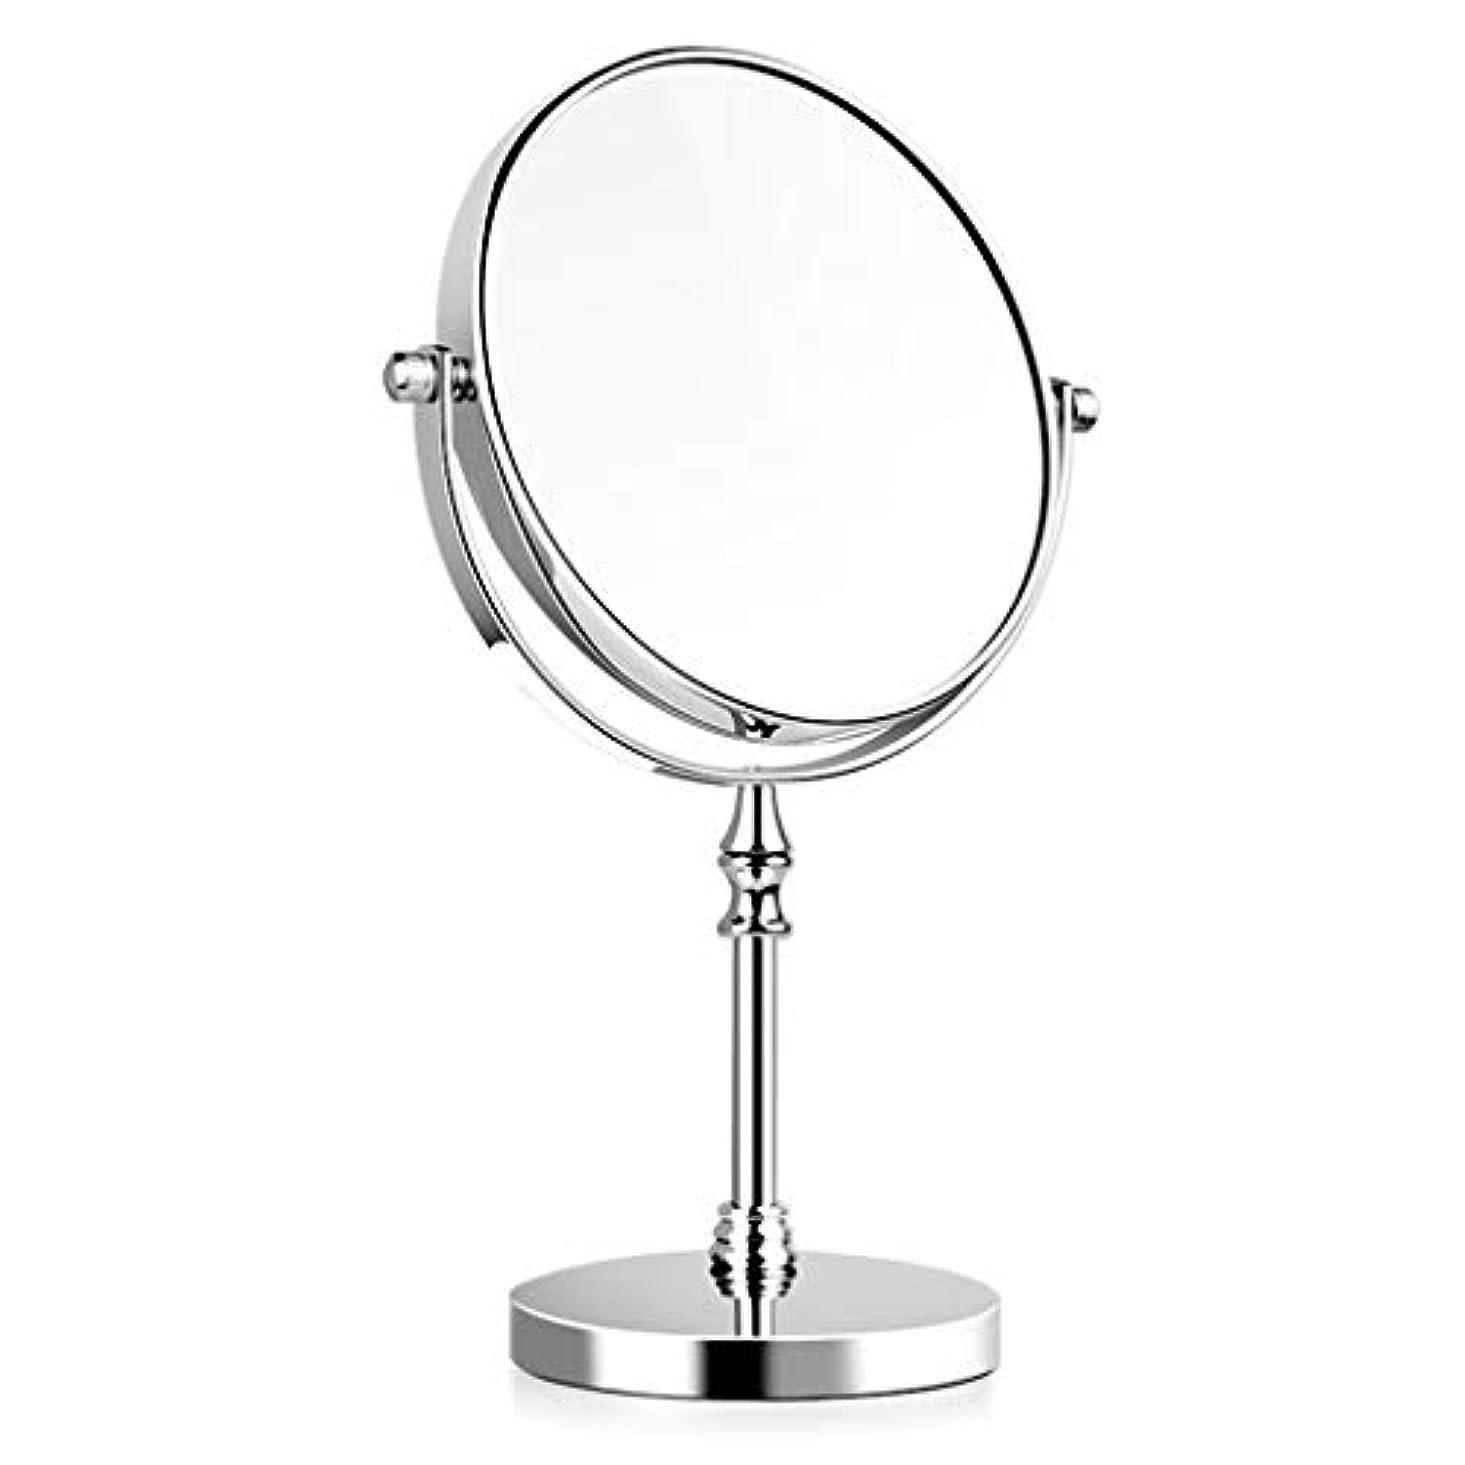 シェフ助言半円.化粧鏡 化粧鏡大型HD両面デスクトップ化粧鏡化粧鏡3倍倍率360°回転 ED化粧鏡1倍/ 2倍/ 3倍/ 5倍/ 10倍拡大鏡ポ